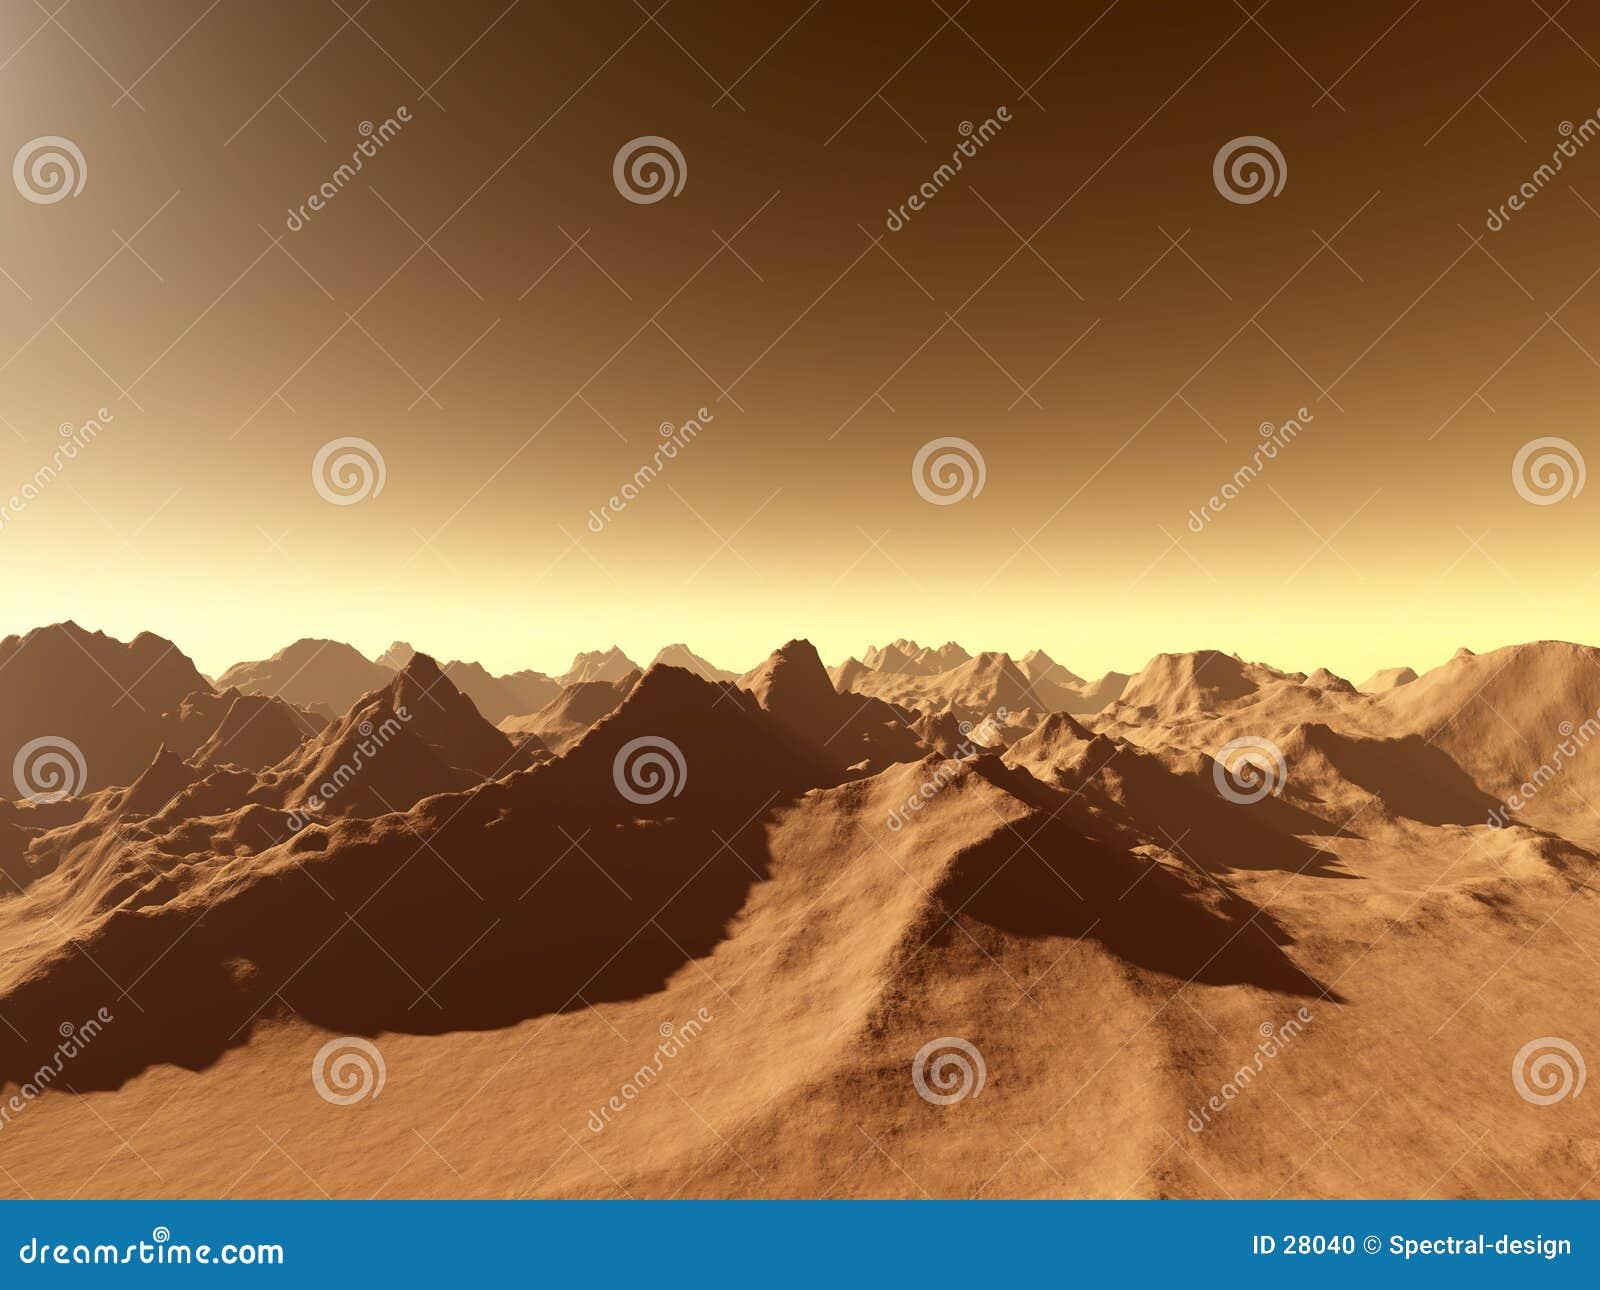 Marte - sobre as montanhas